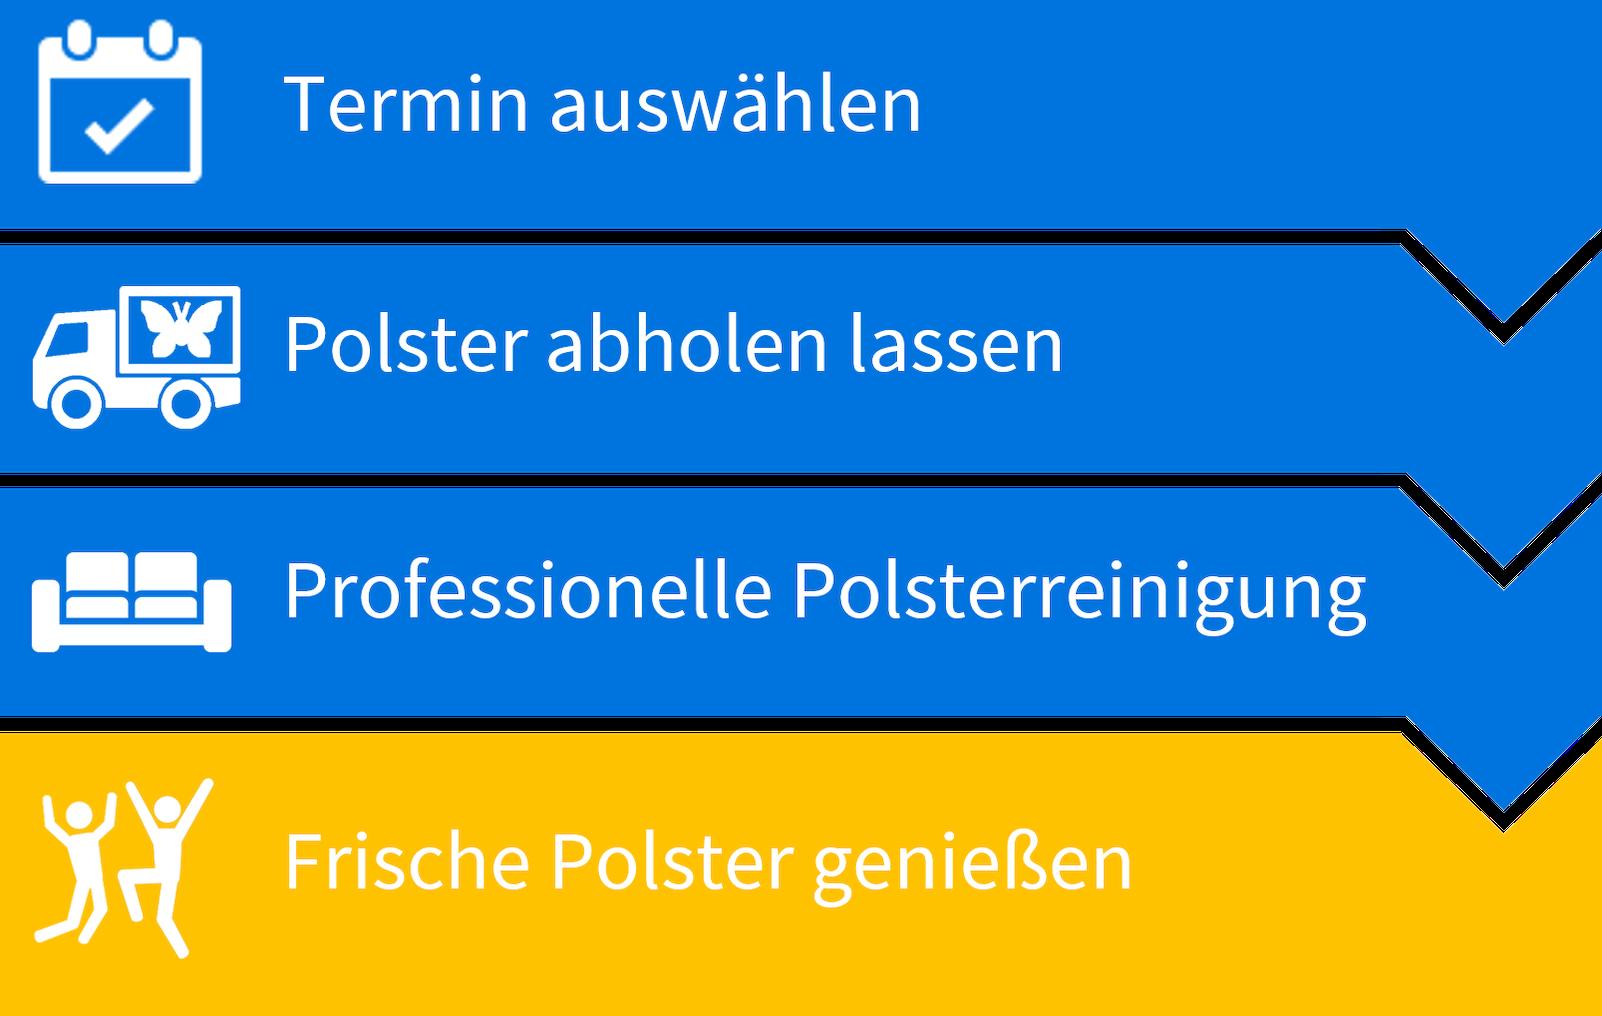 Prozess_Polsterreinigung_Bielefeld